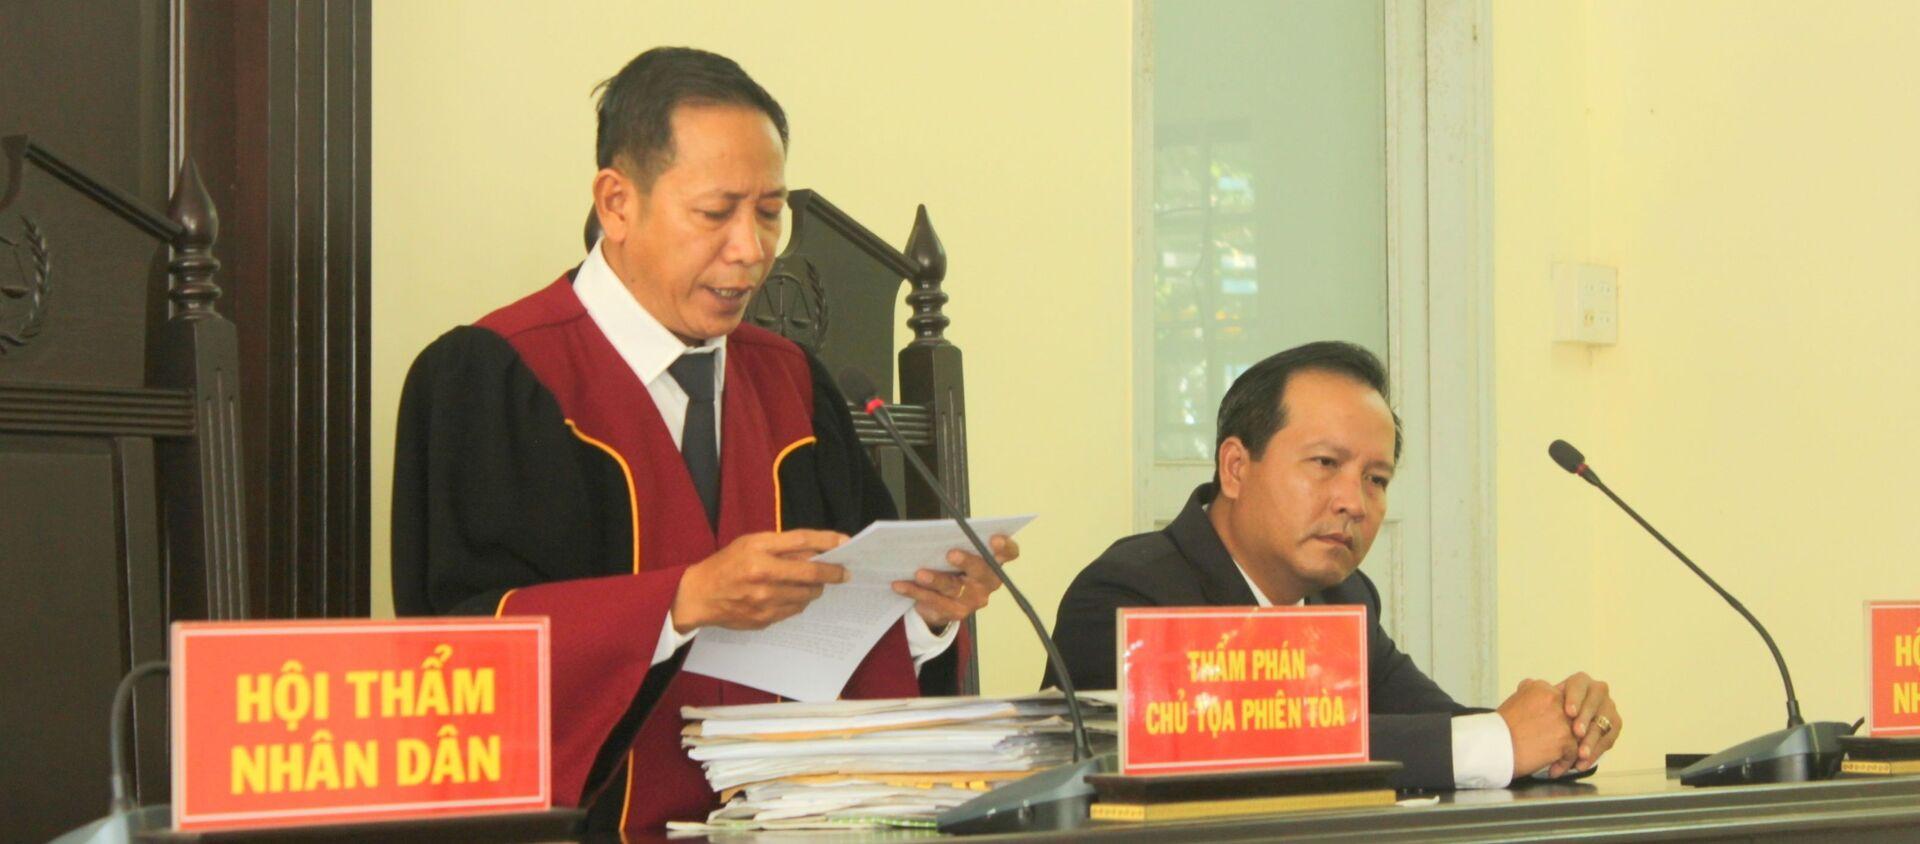 Phiên tòa xét xử hai cựu công an Cần Thơ - Sputnik Việt Nam, 1920, 10.07.2019